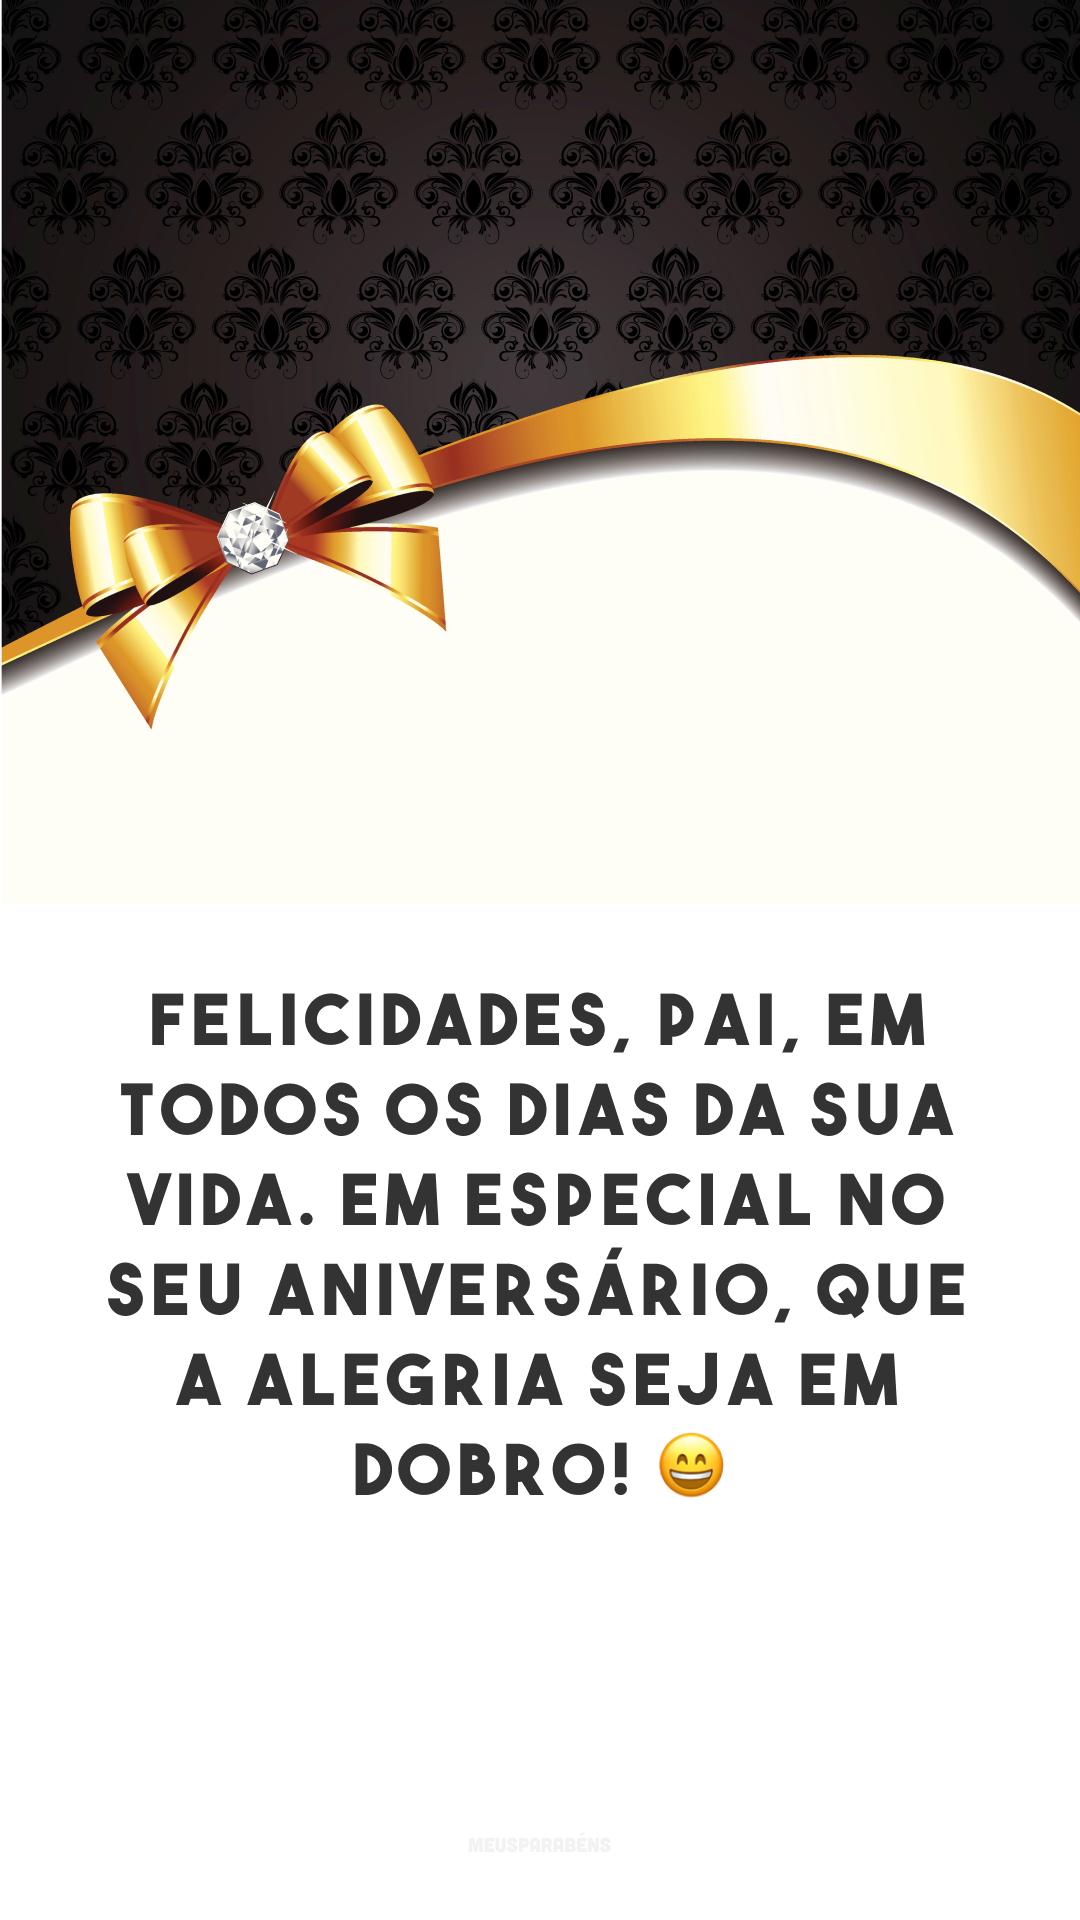 Felicidades, pai, em todos os dias da sua vida. Em especial no seu aniversário, que a alegria seja em dobro! ?